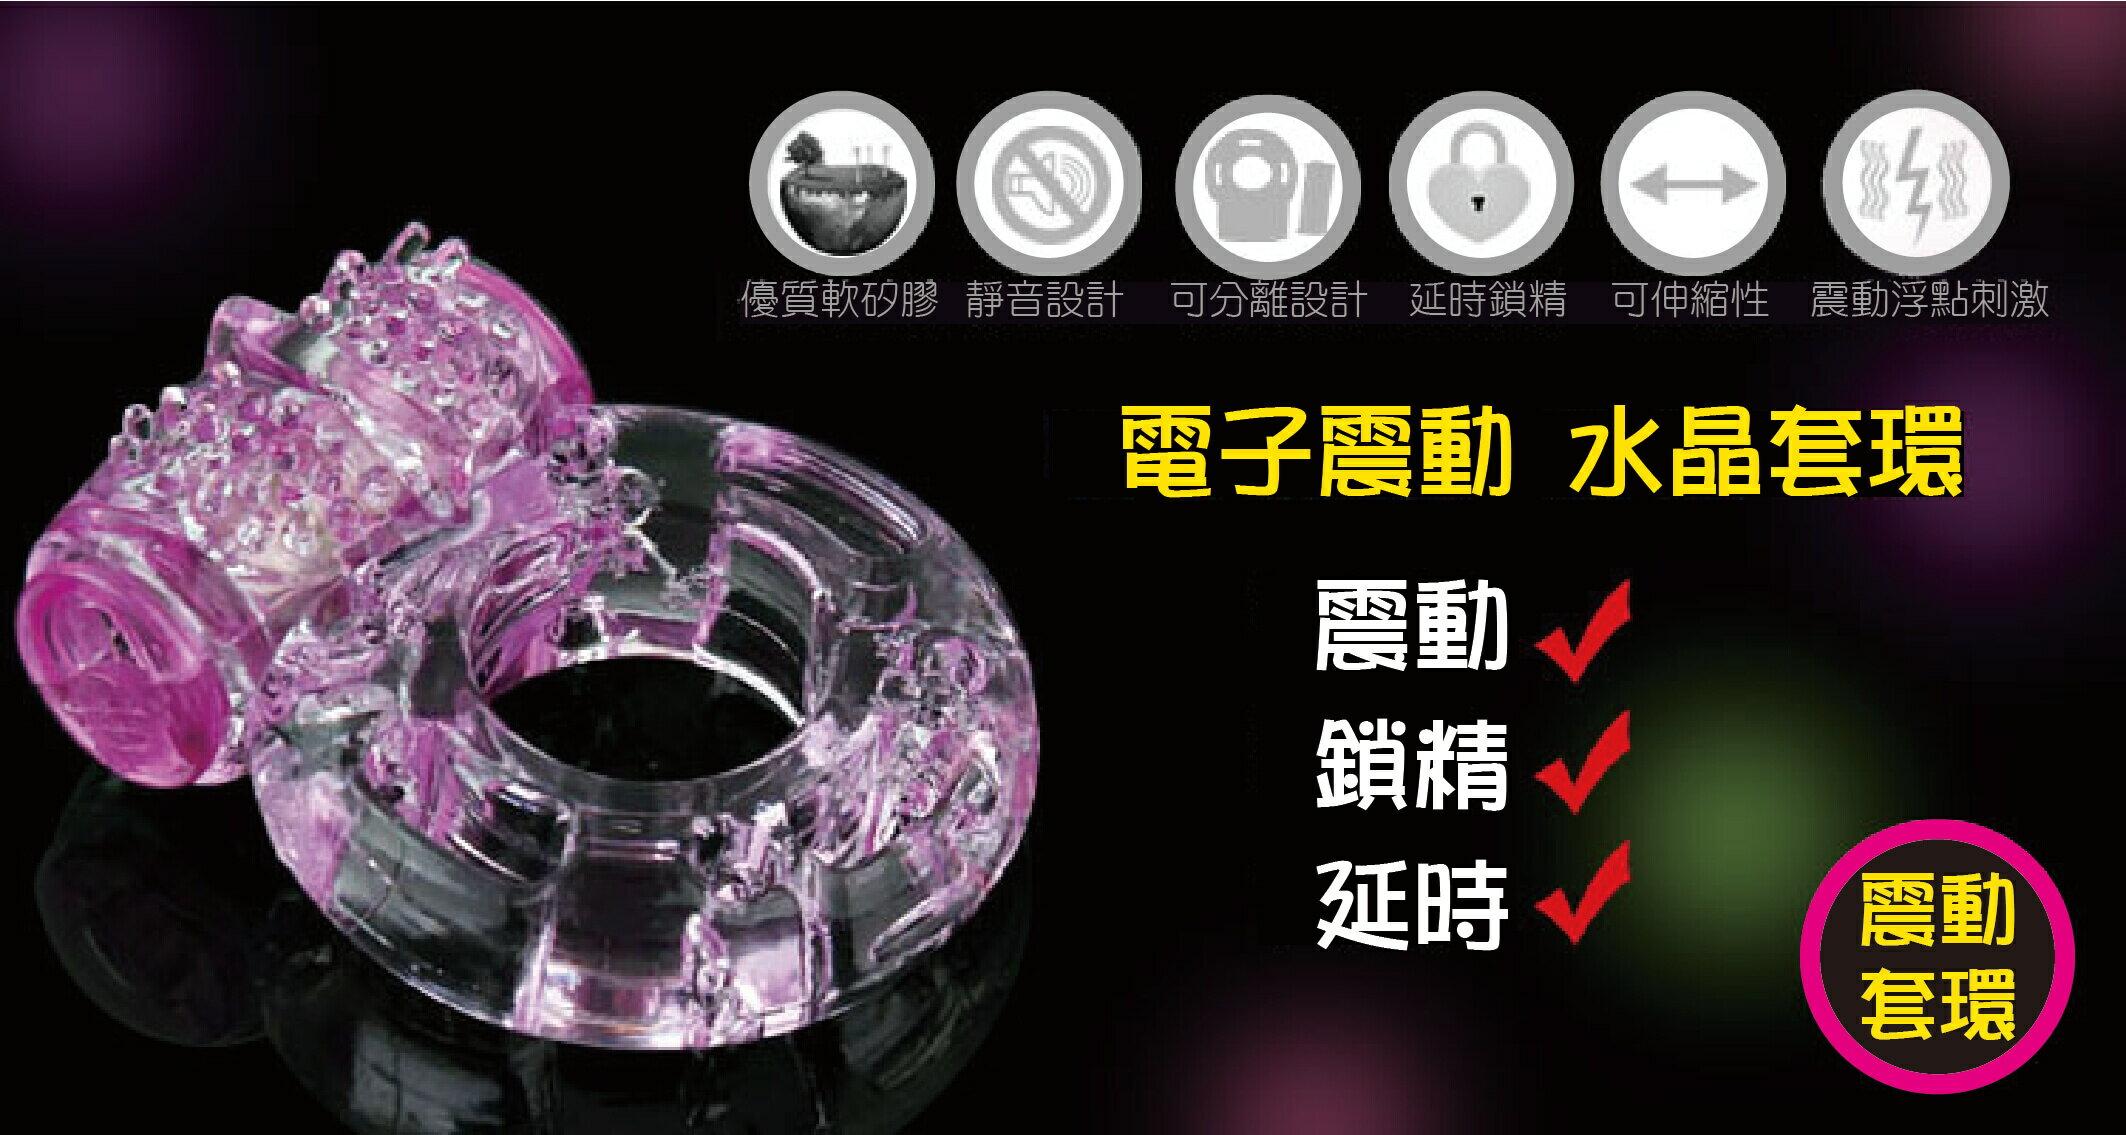 陽具震動套環 , 持久配備 , 情趣用品